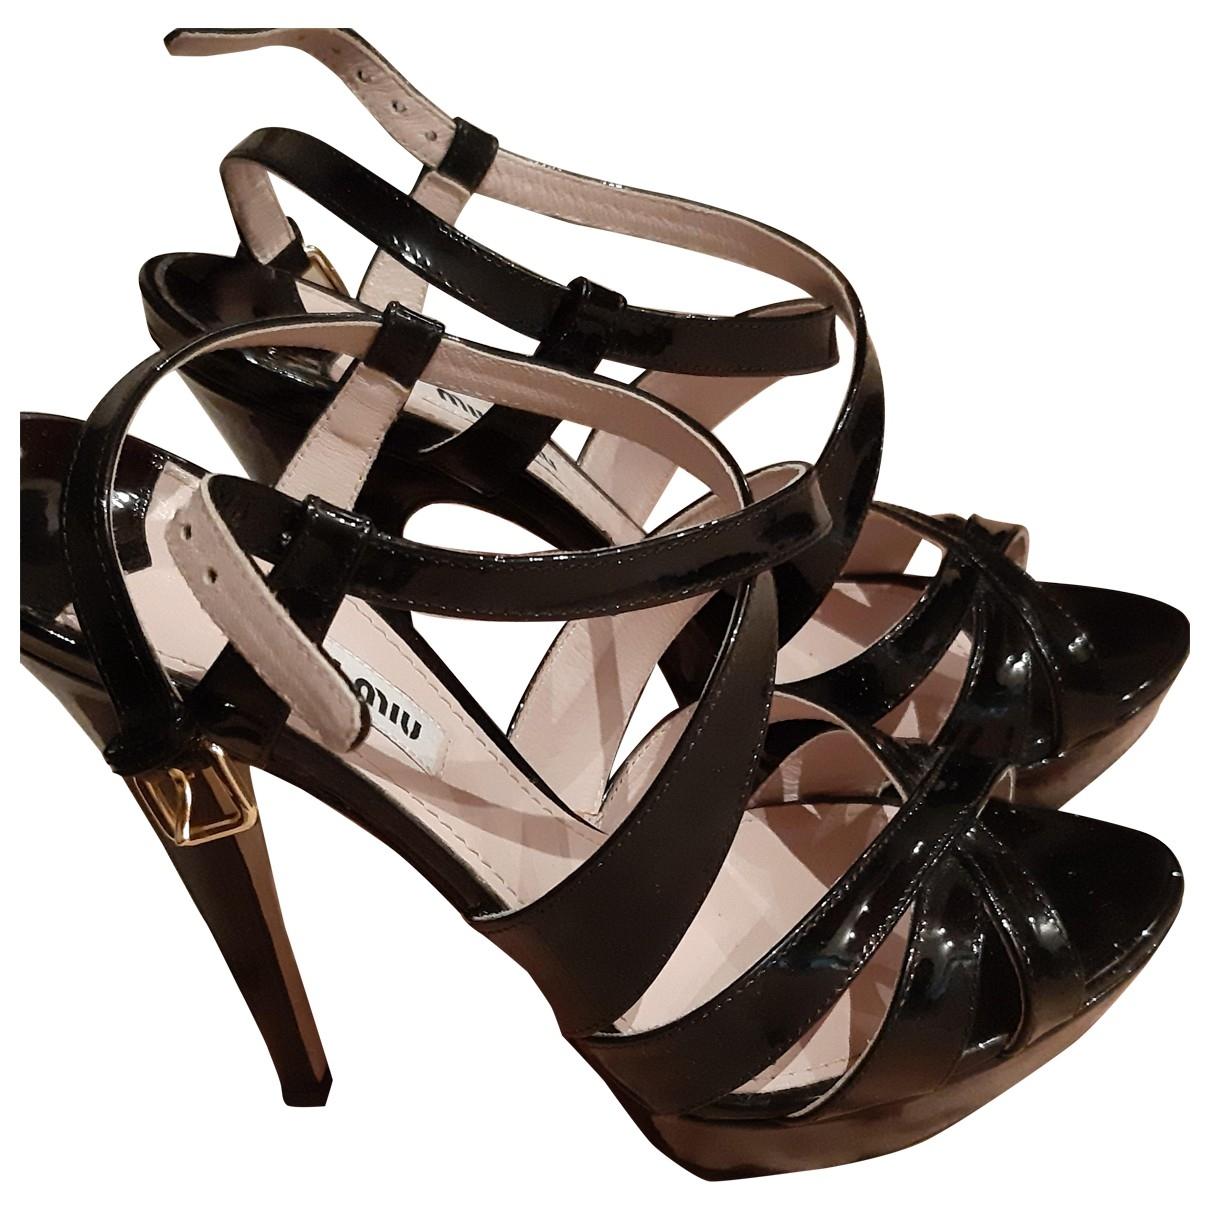 Miu Miu \N Black Patent leather Sandals for Women 37.5 EU